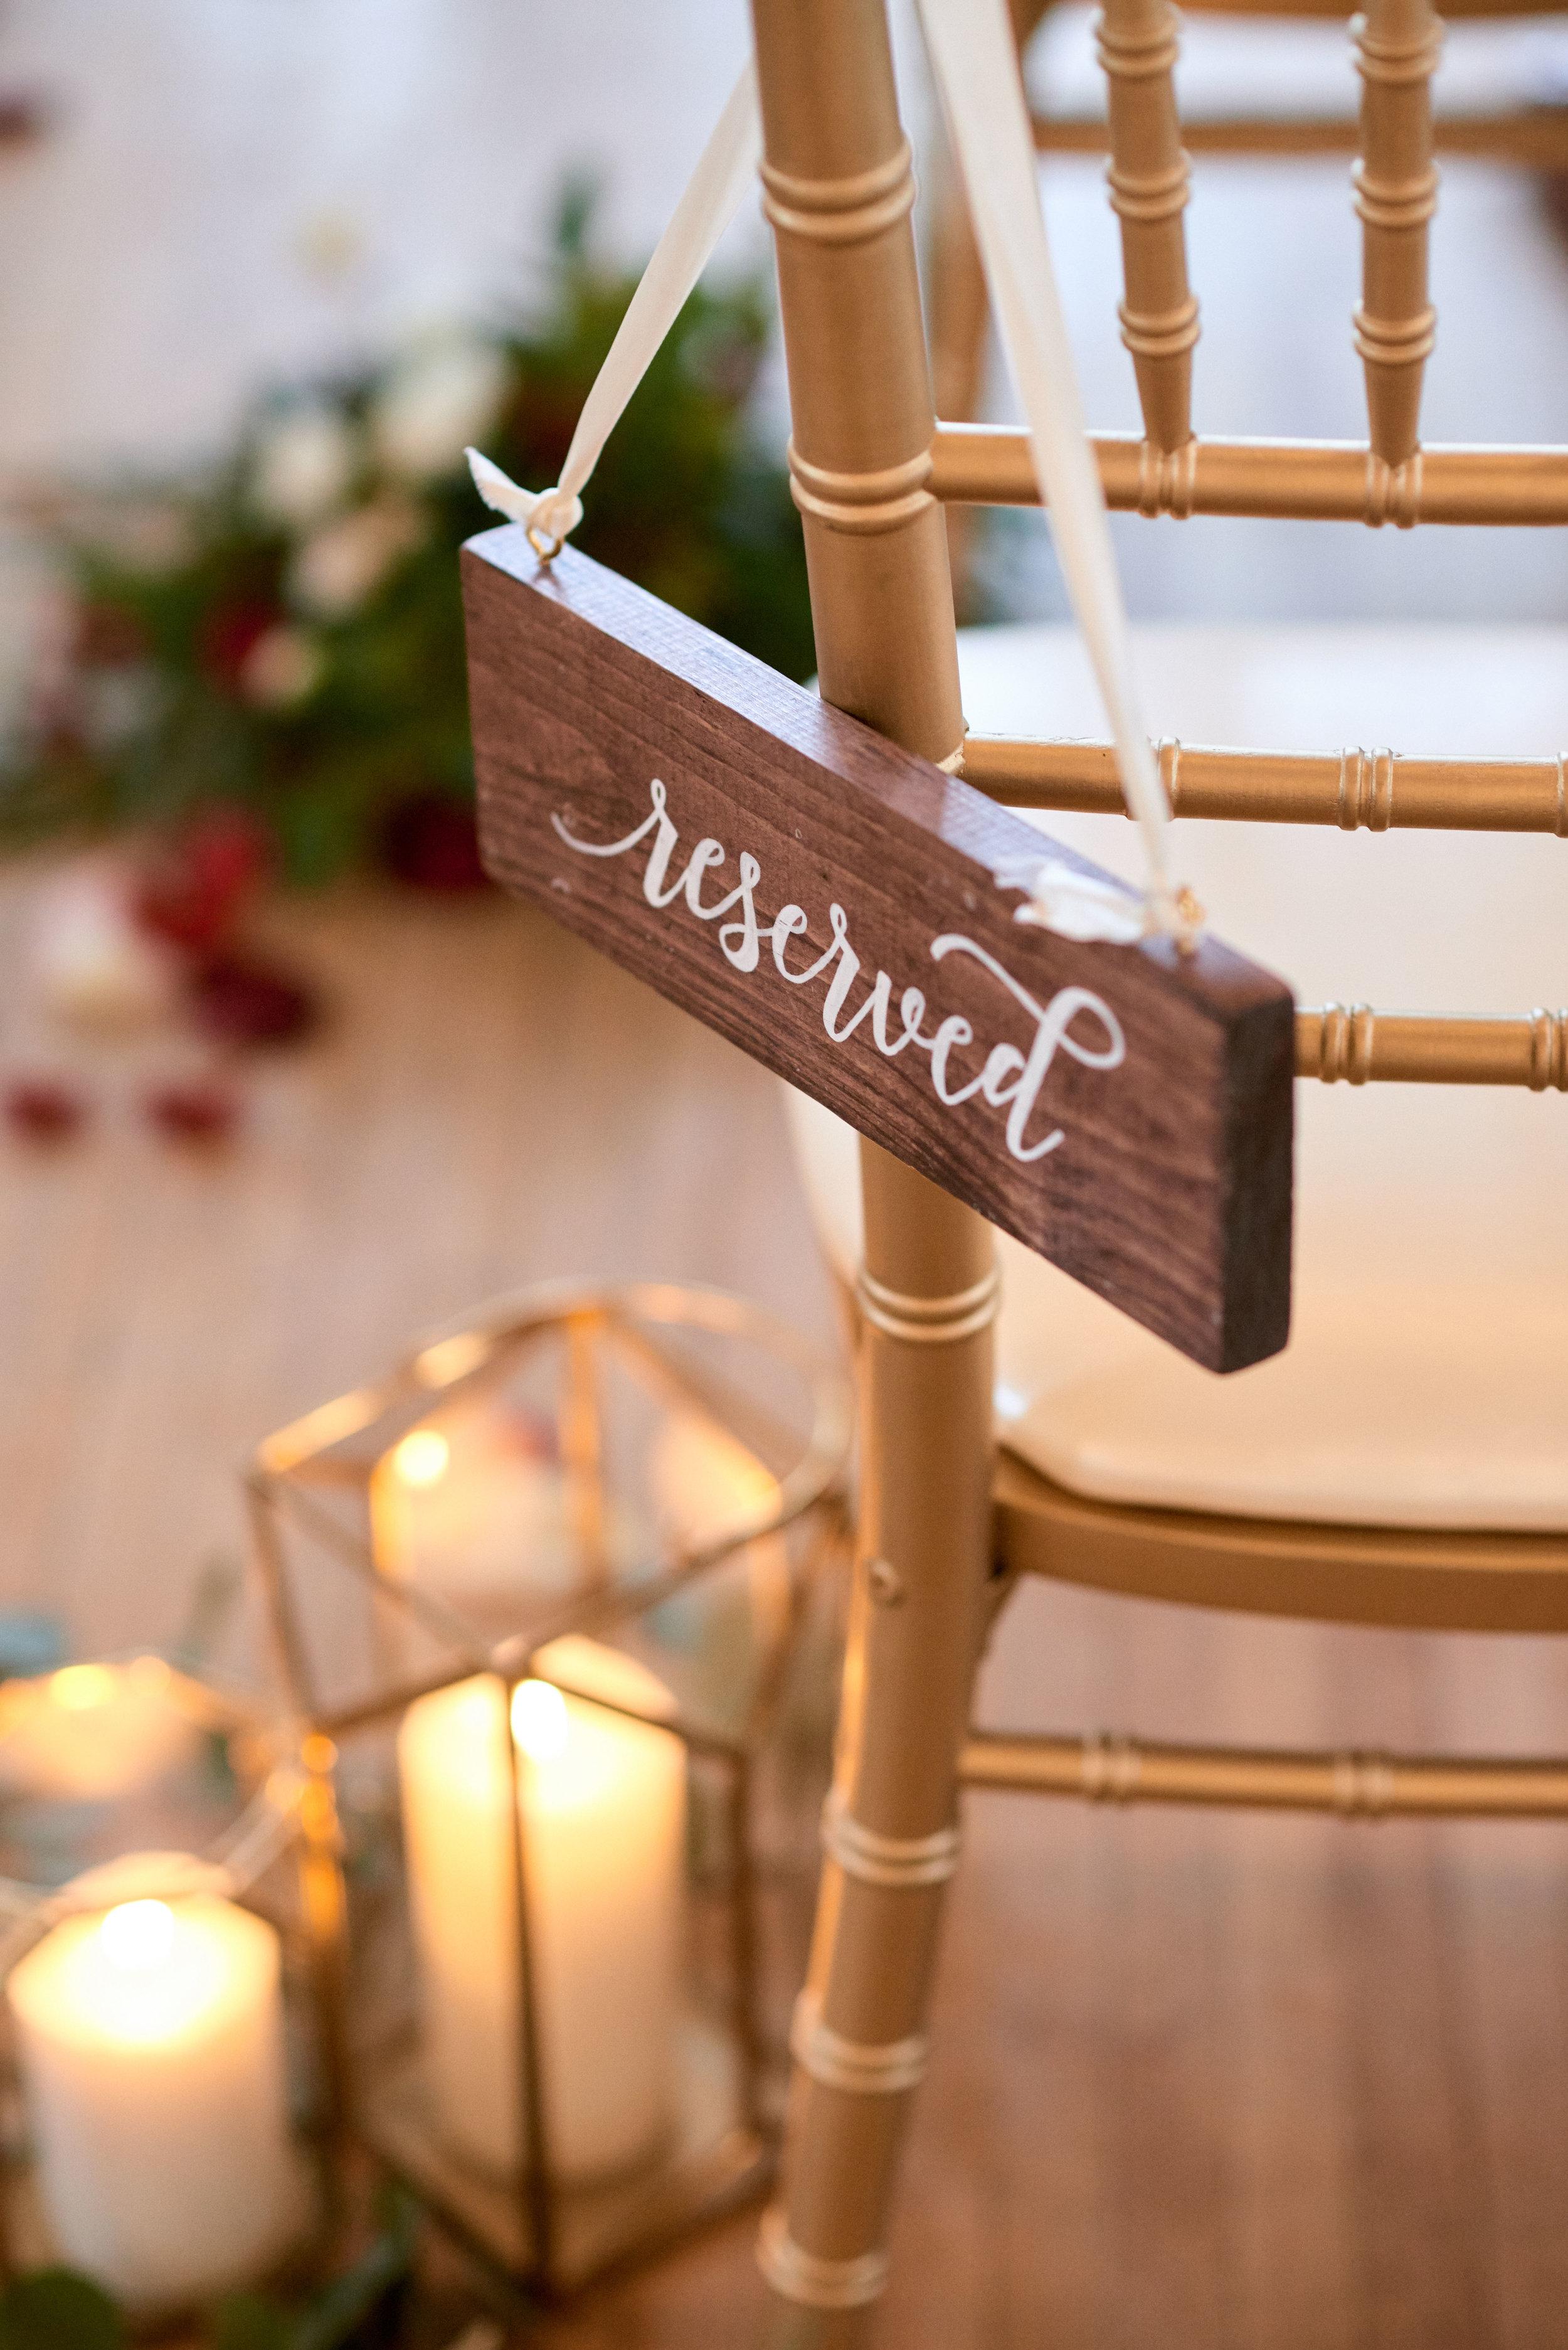 285-rothschild-pavilion-winter-wedding.jpg